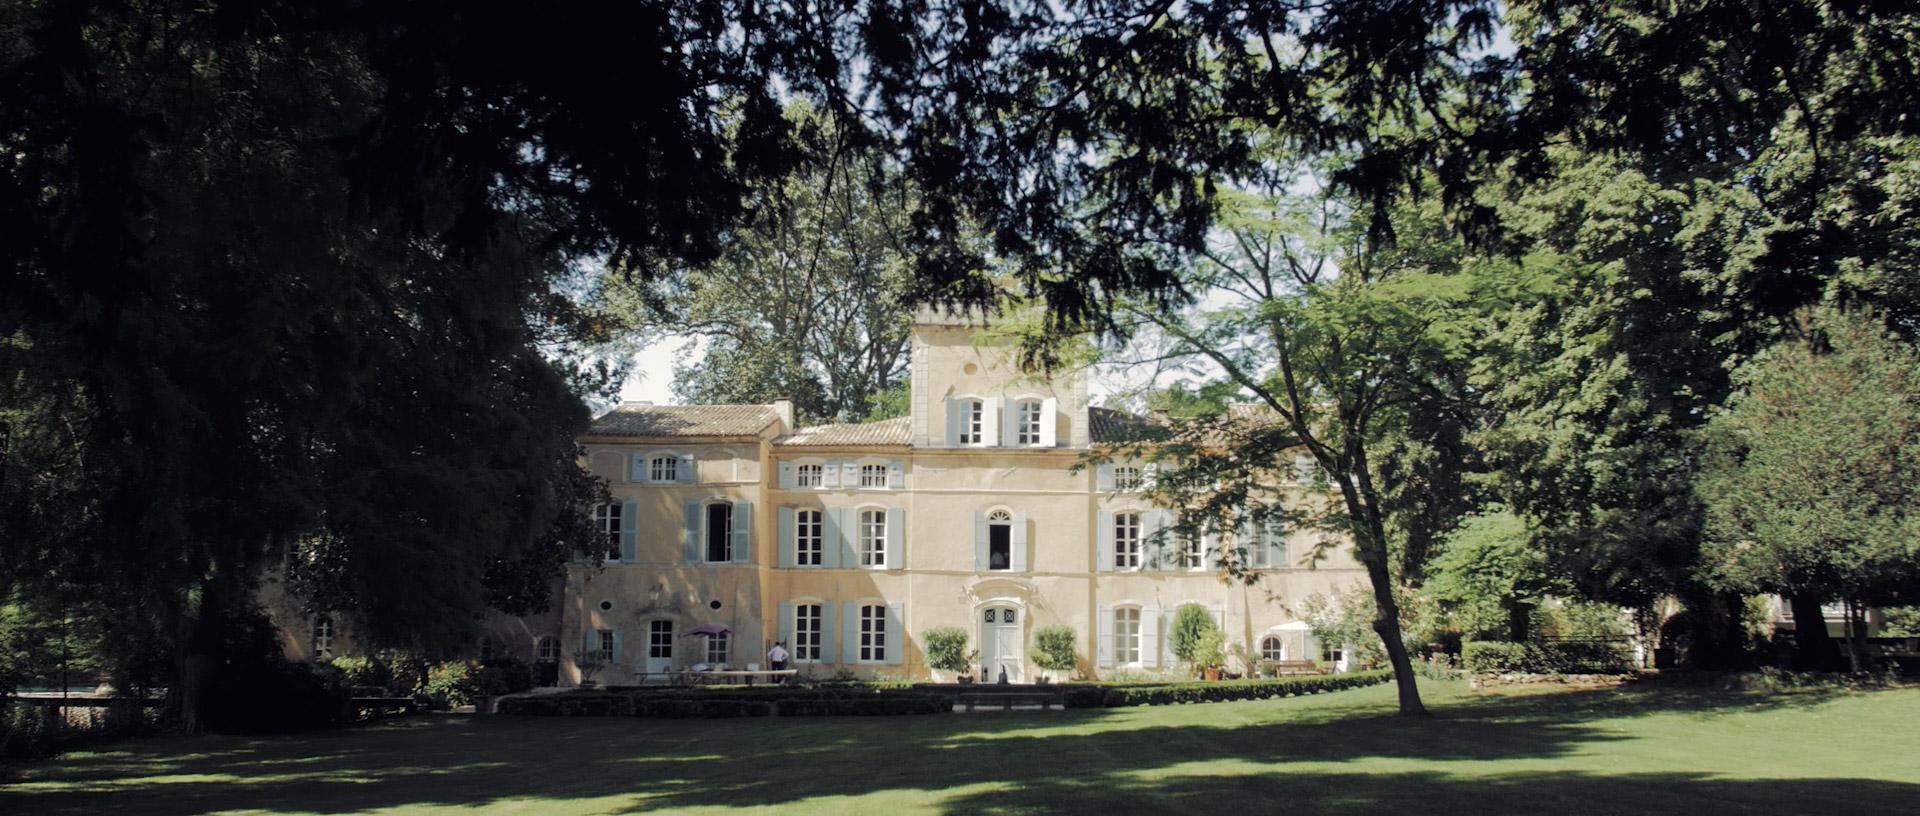 Mariage franco-anglais au chateau des barrenques en Provence